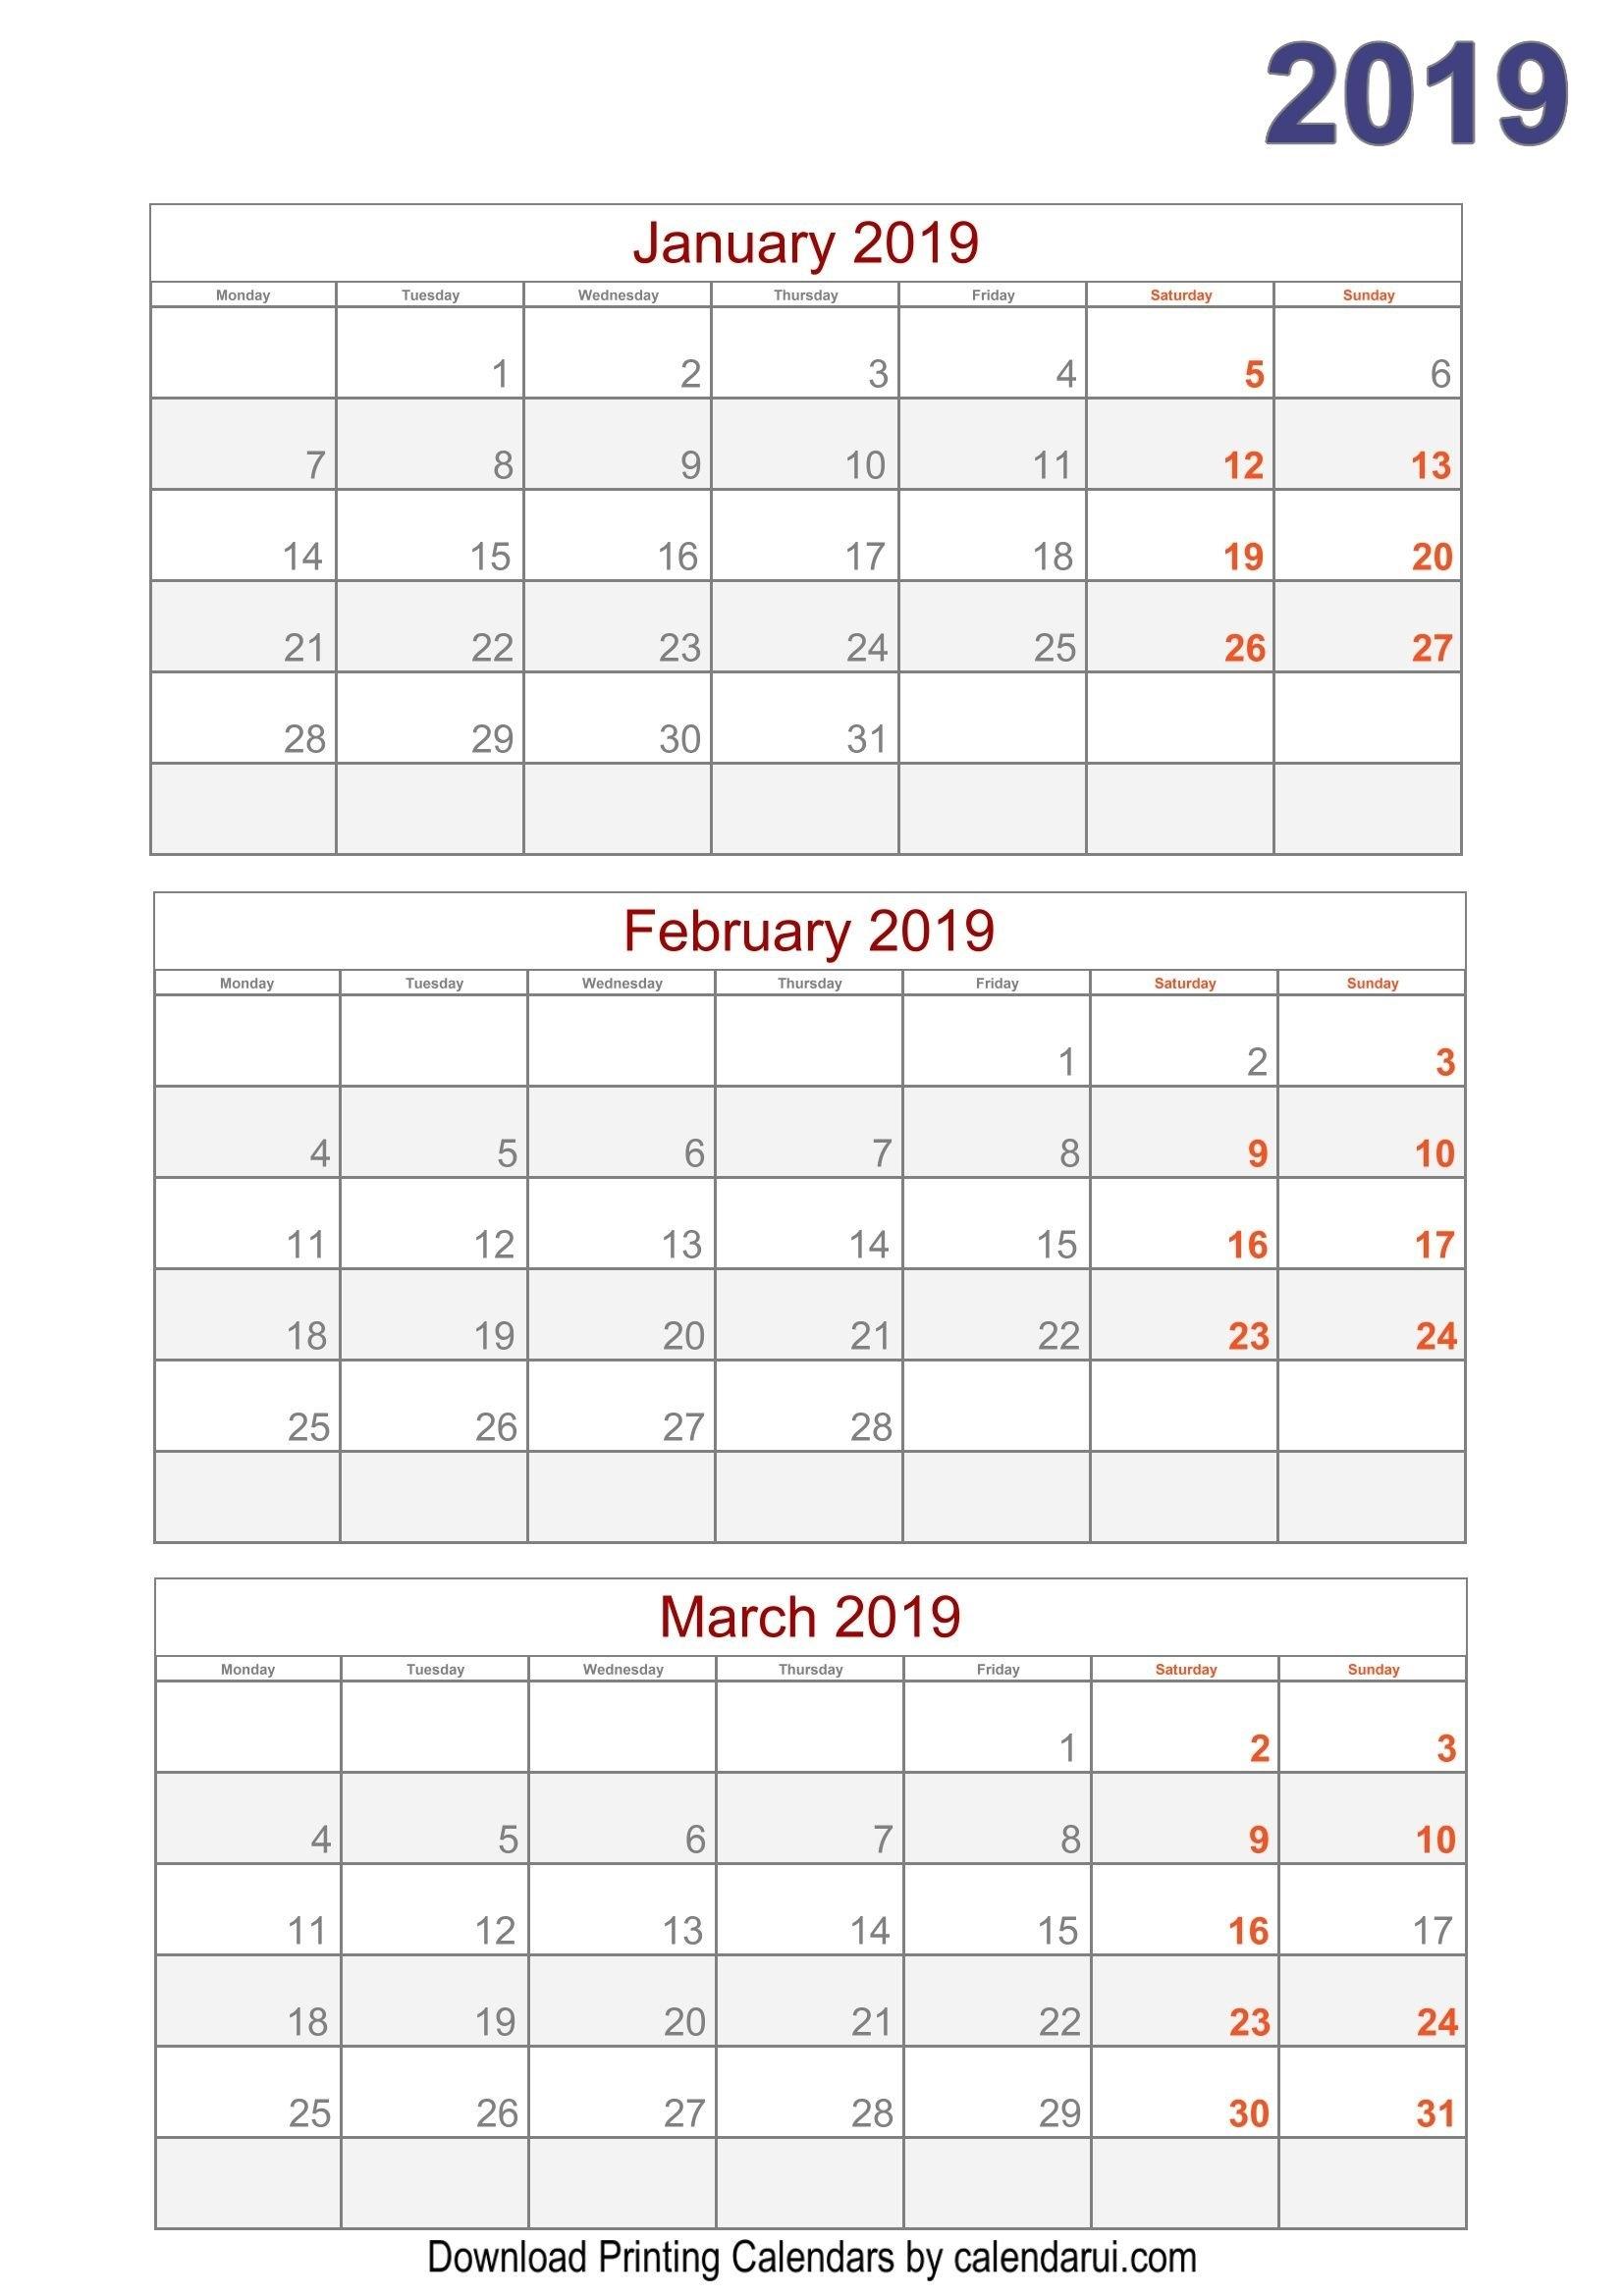 2019 Quarterly Calendar Printable For Free   2019 Calendar Calendar 2019 Quarterly